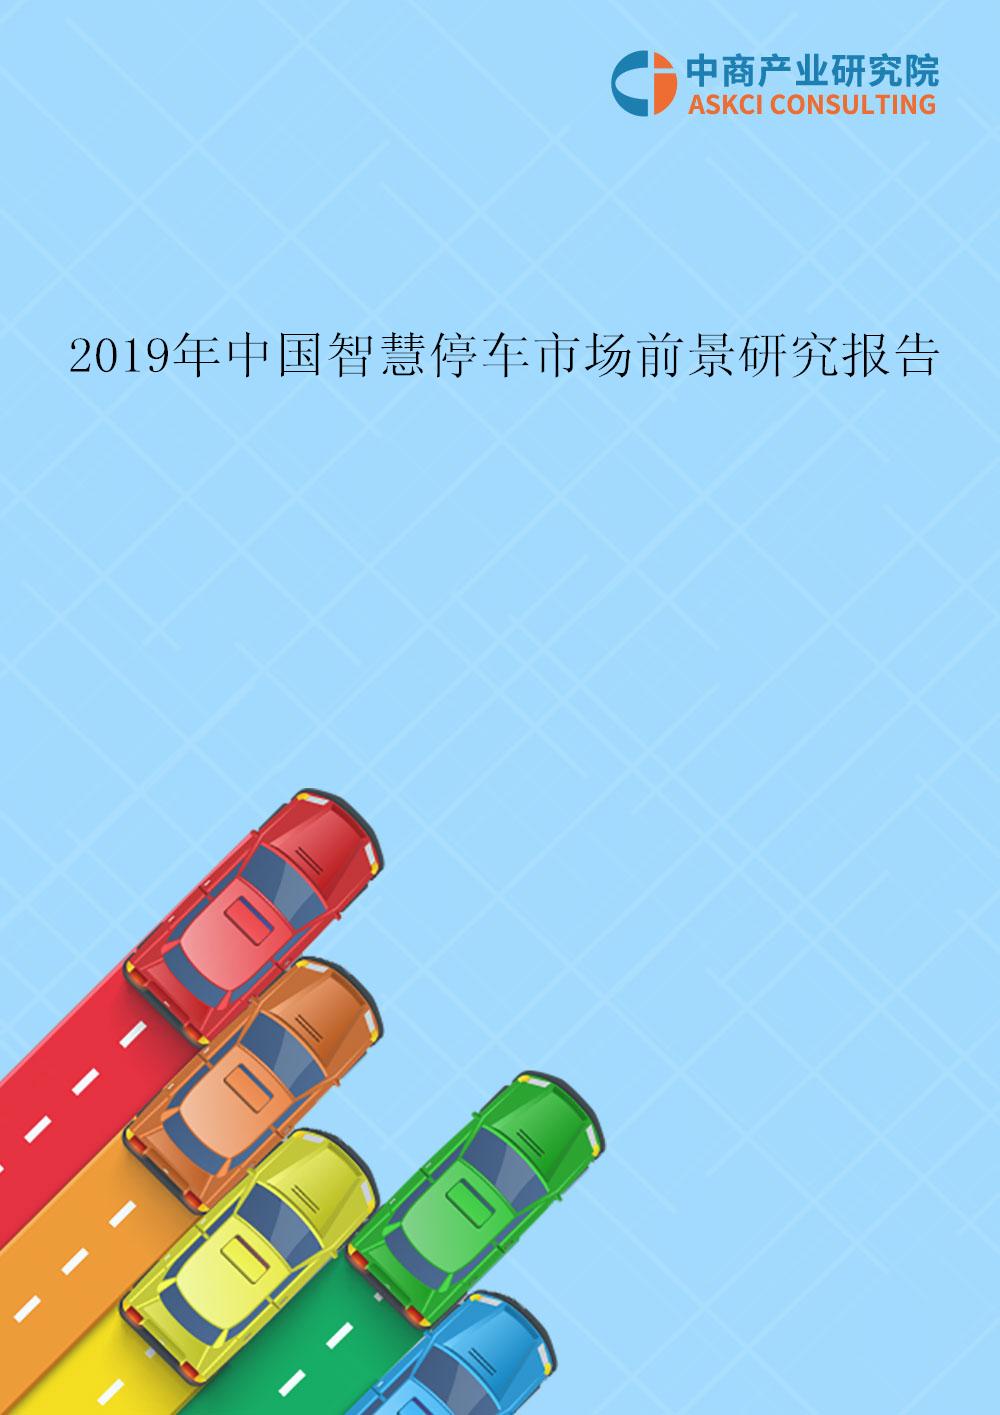 2019年中国智慧停车市场前景研究报告